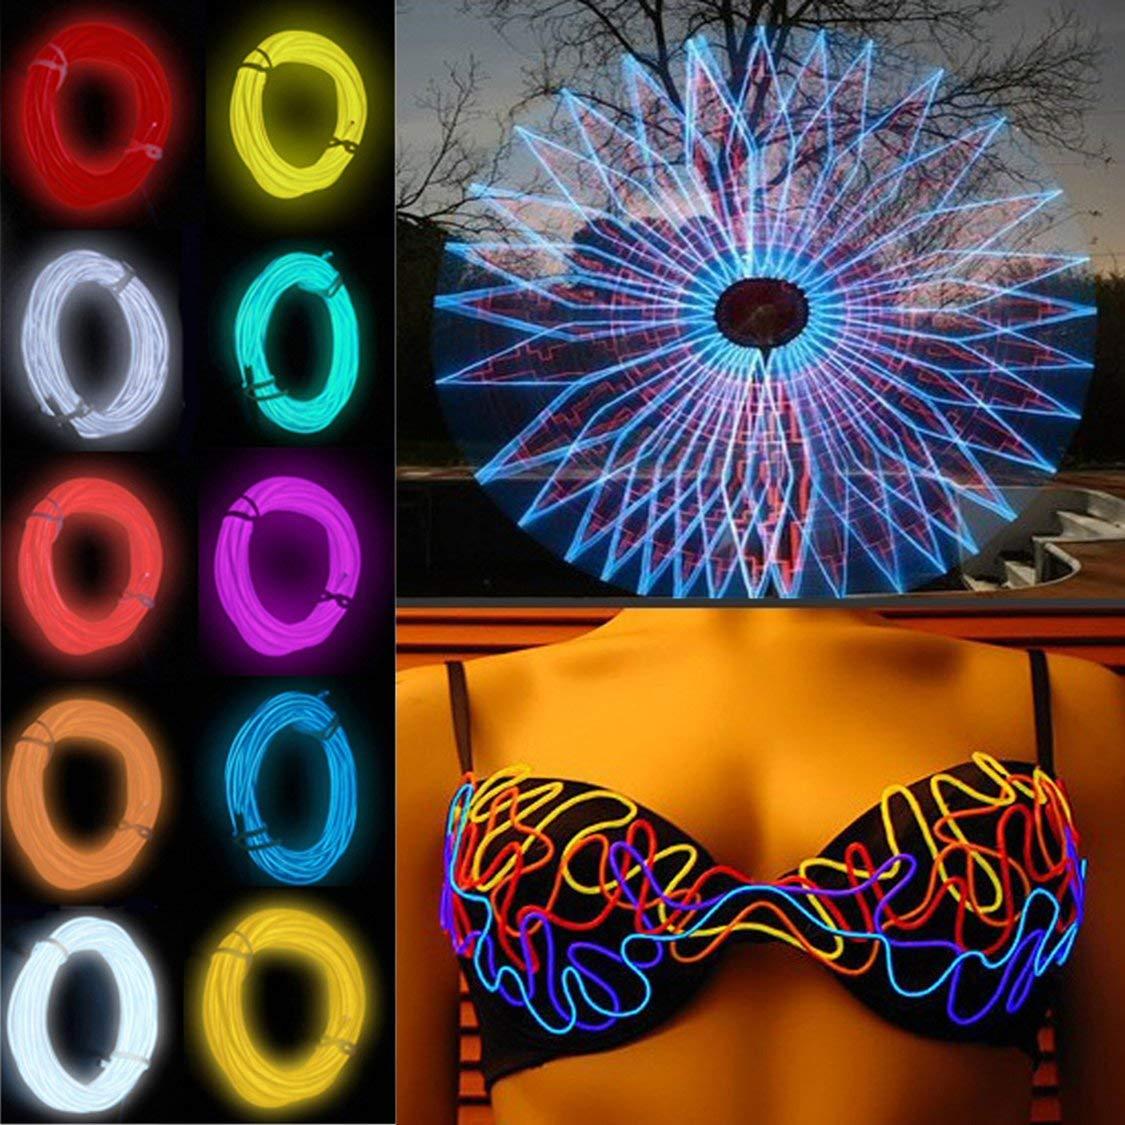 Luz de ne/ón de alambre EL flexible 3 metros para la fiesta de baile Decoraci/ón de coches con el controlador A prueba de agua Zapatos de veh/ículo Luz LED